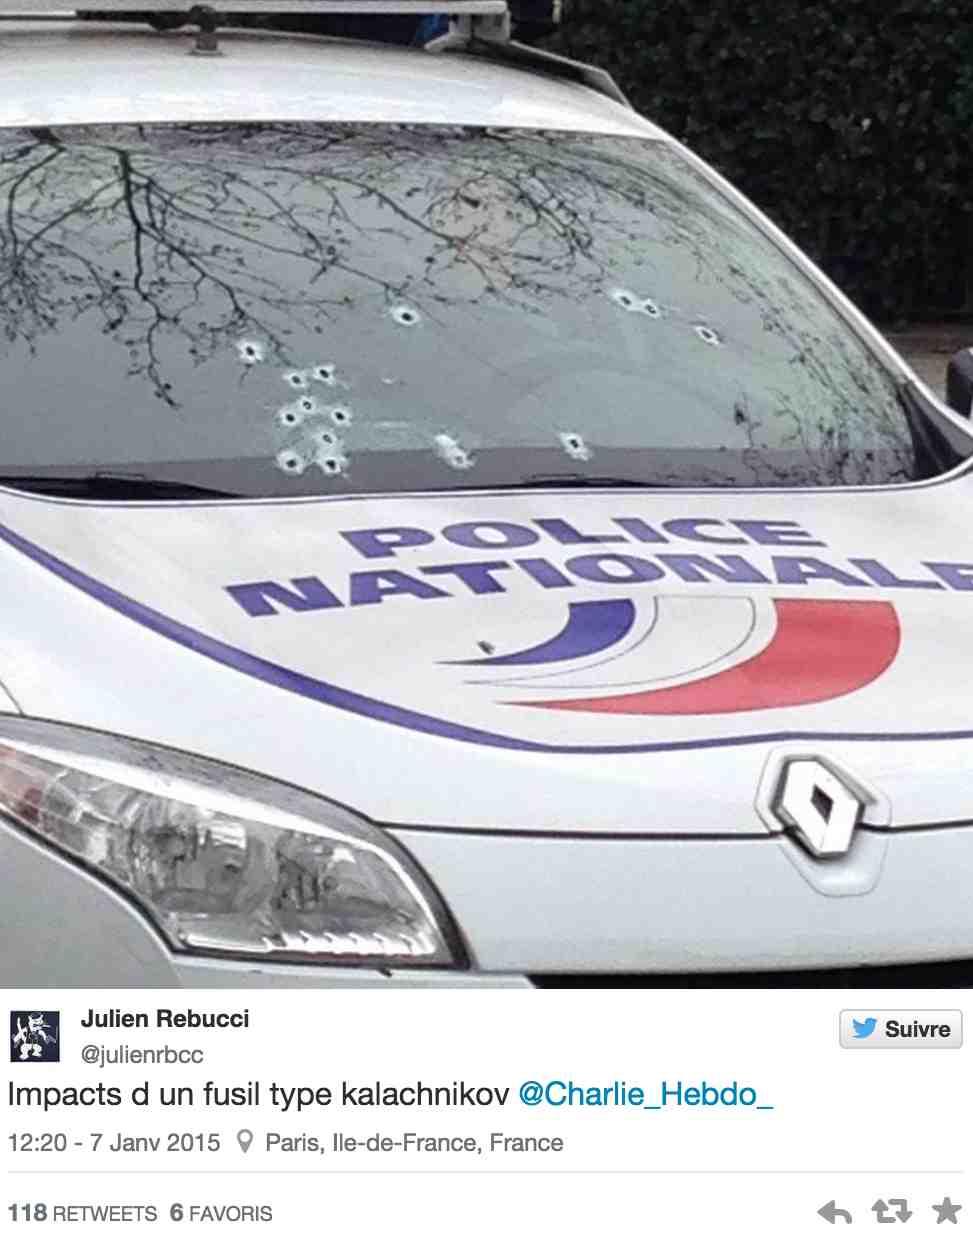 Sur twitter, la photo de ce véhicule de police criblé de balles circule depuis quelques minutes